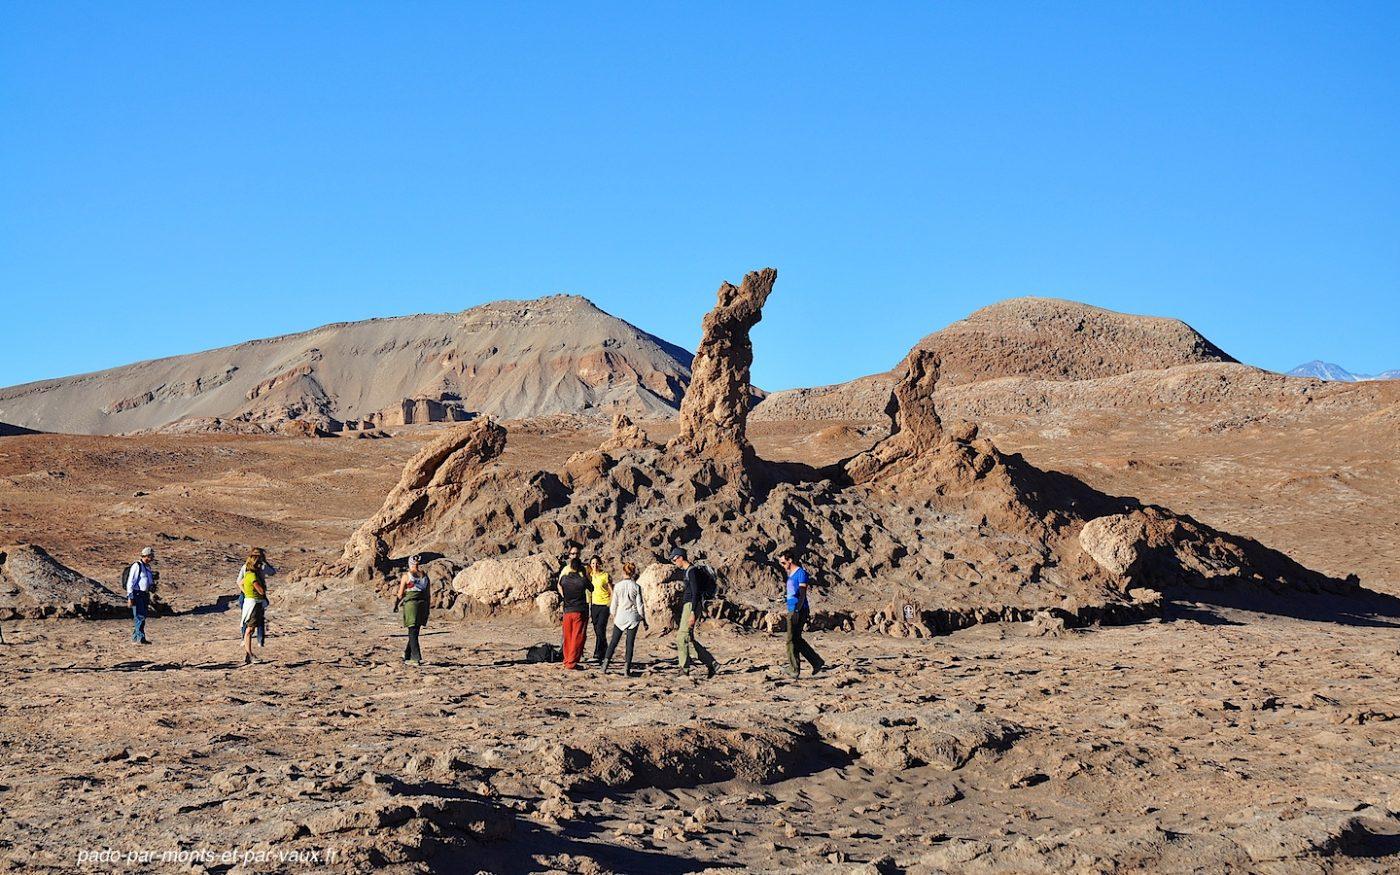 Désert d'Atacama - Vallée de la lune - Tres marias